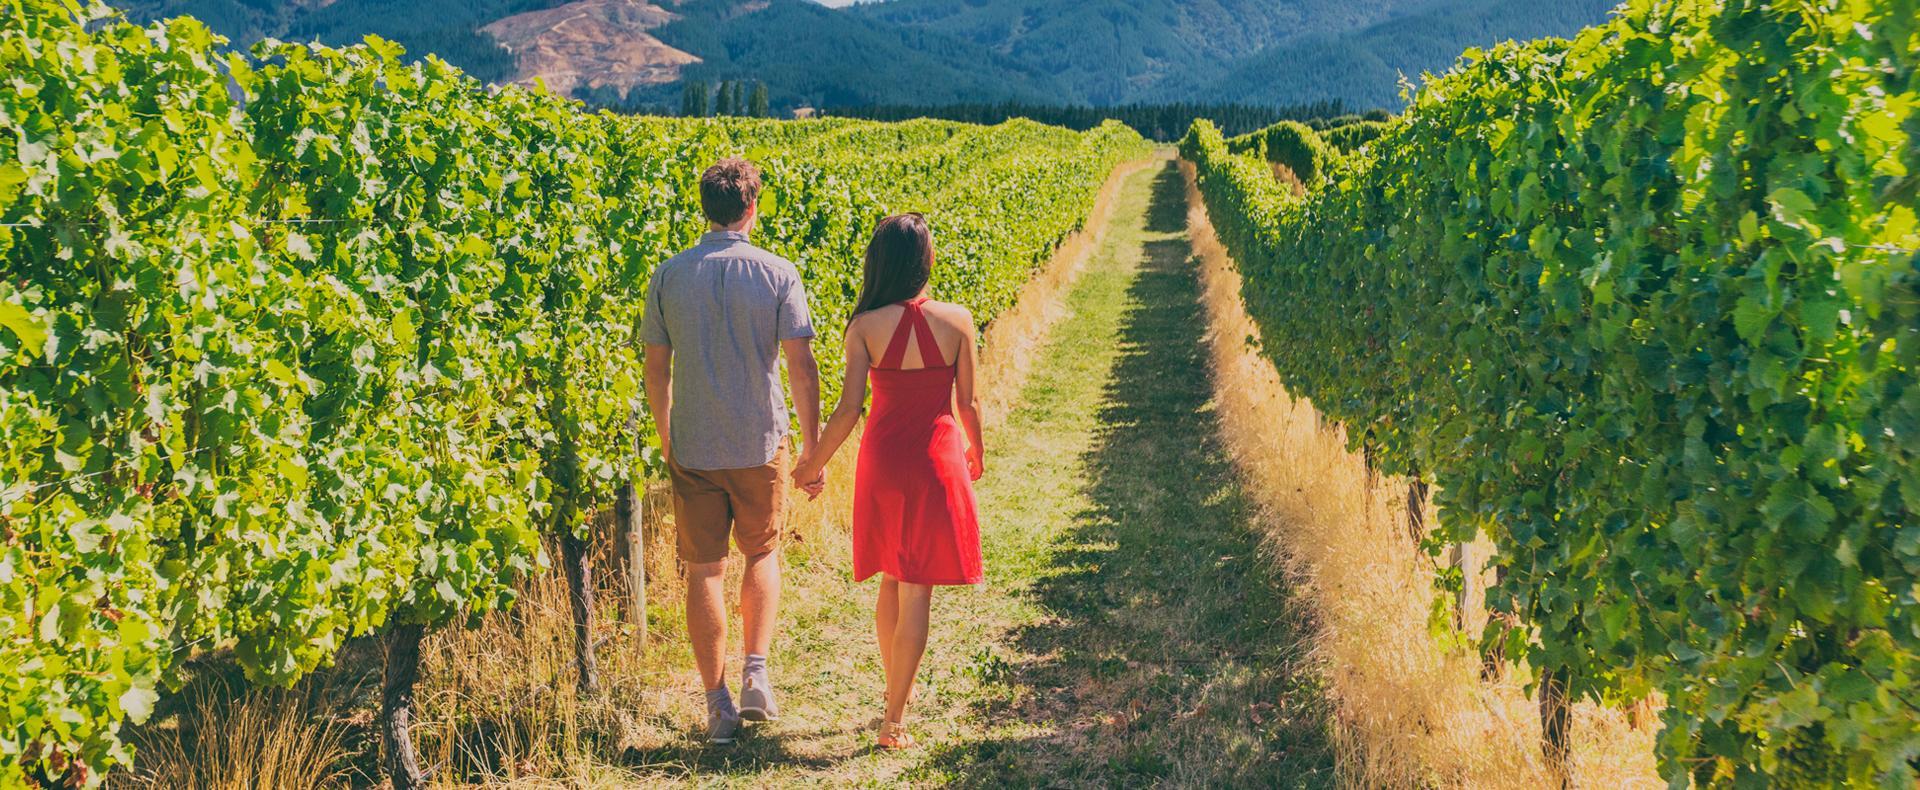 La route des vins californiens